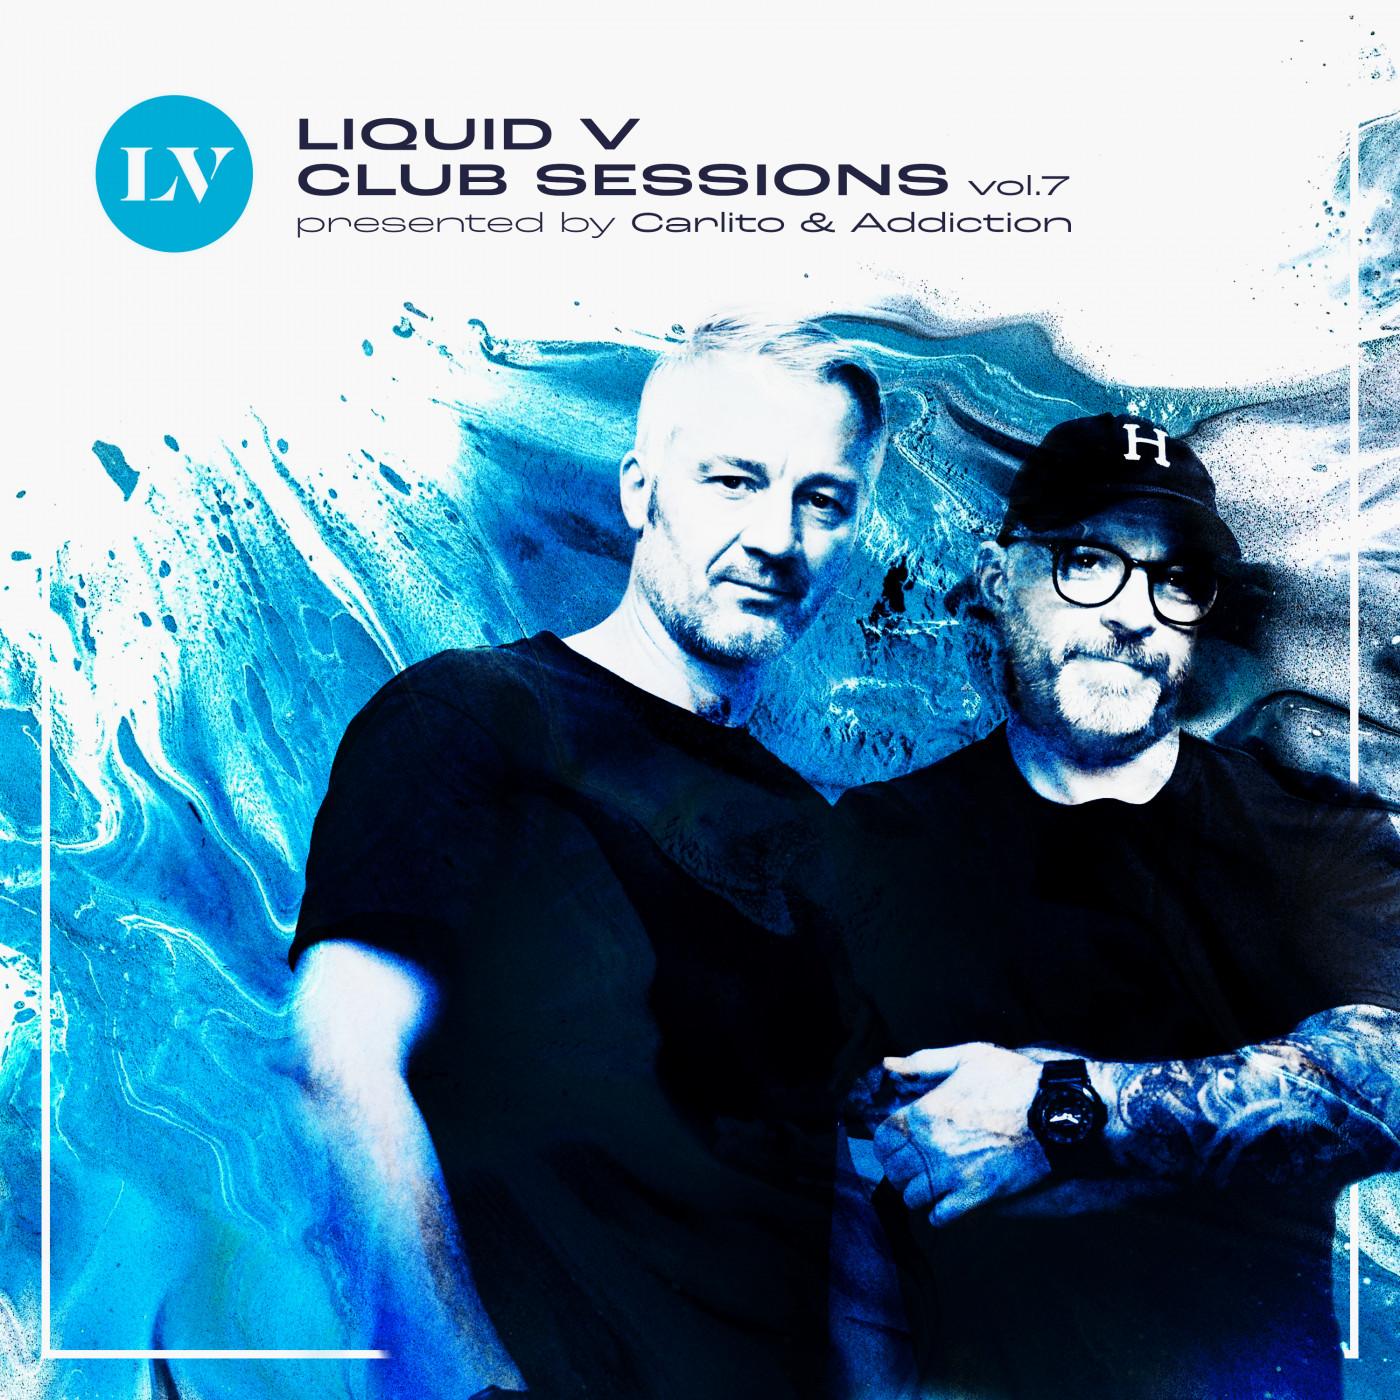 Club Sessions Vol. 7